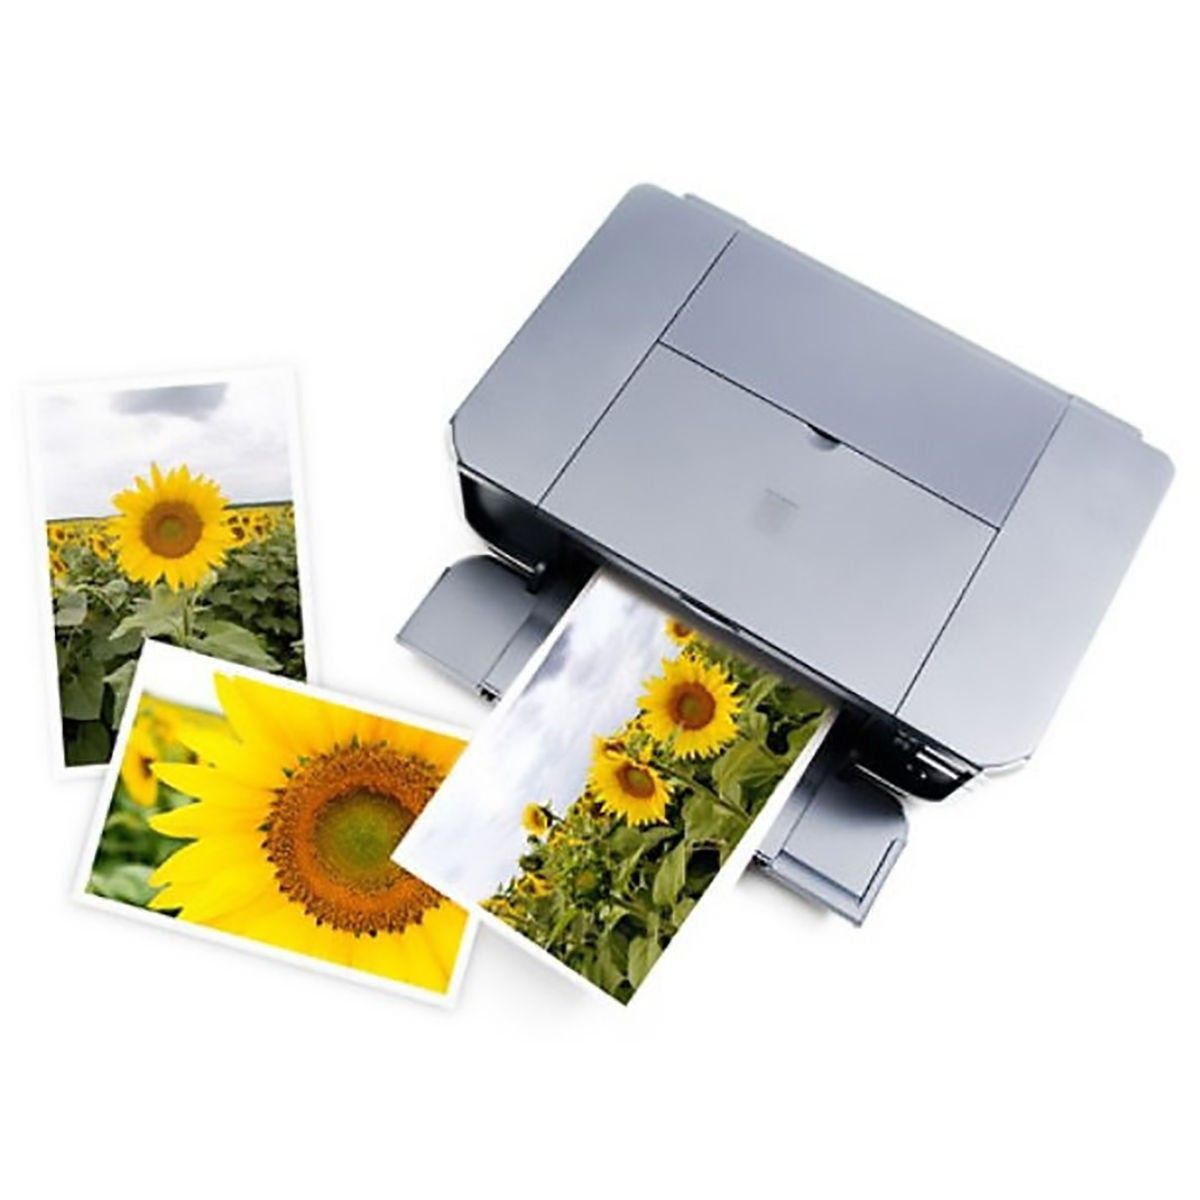 Papel Fotográfico 115g A4 Glossy Branco Brilhante Resistente à Água / 400 folhas